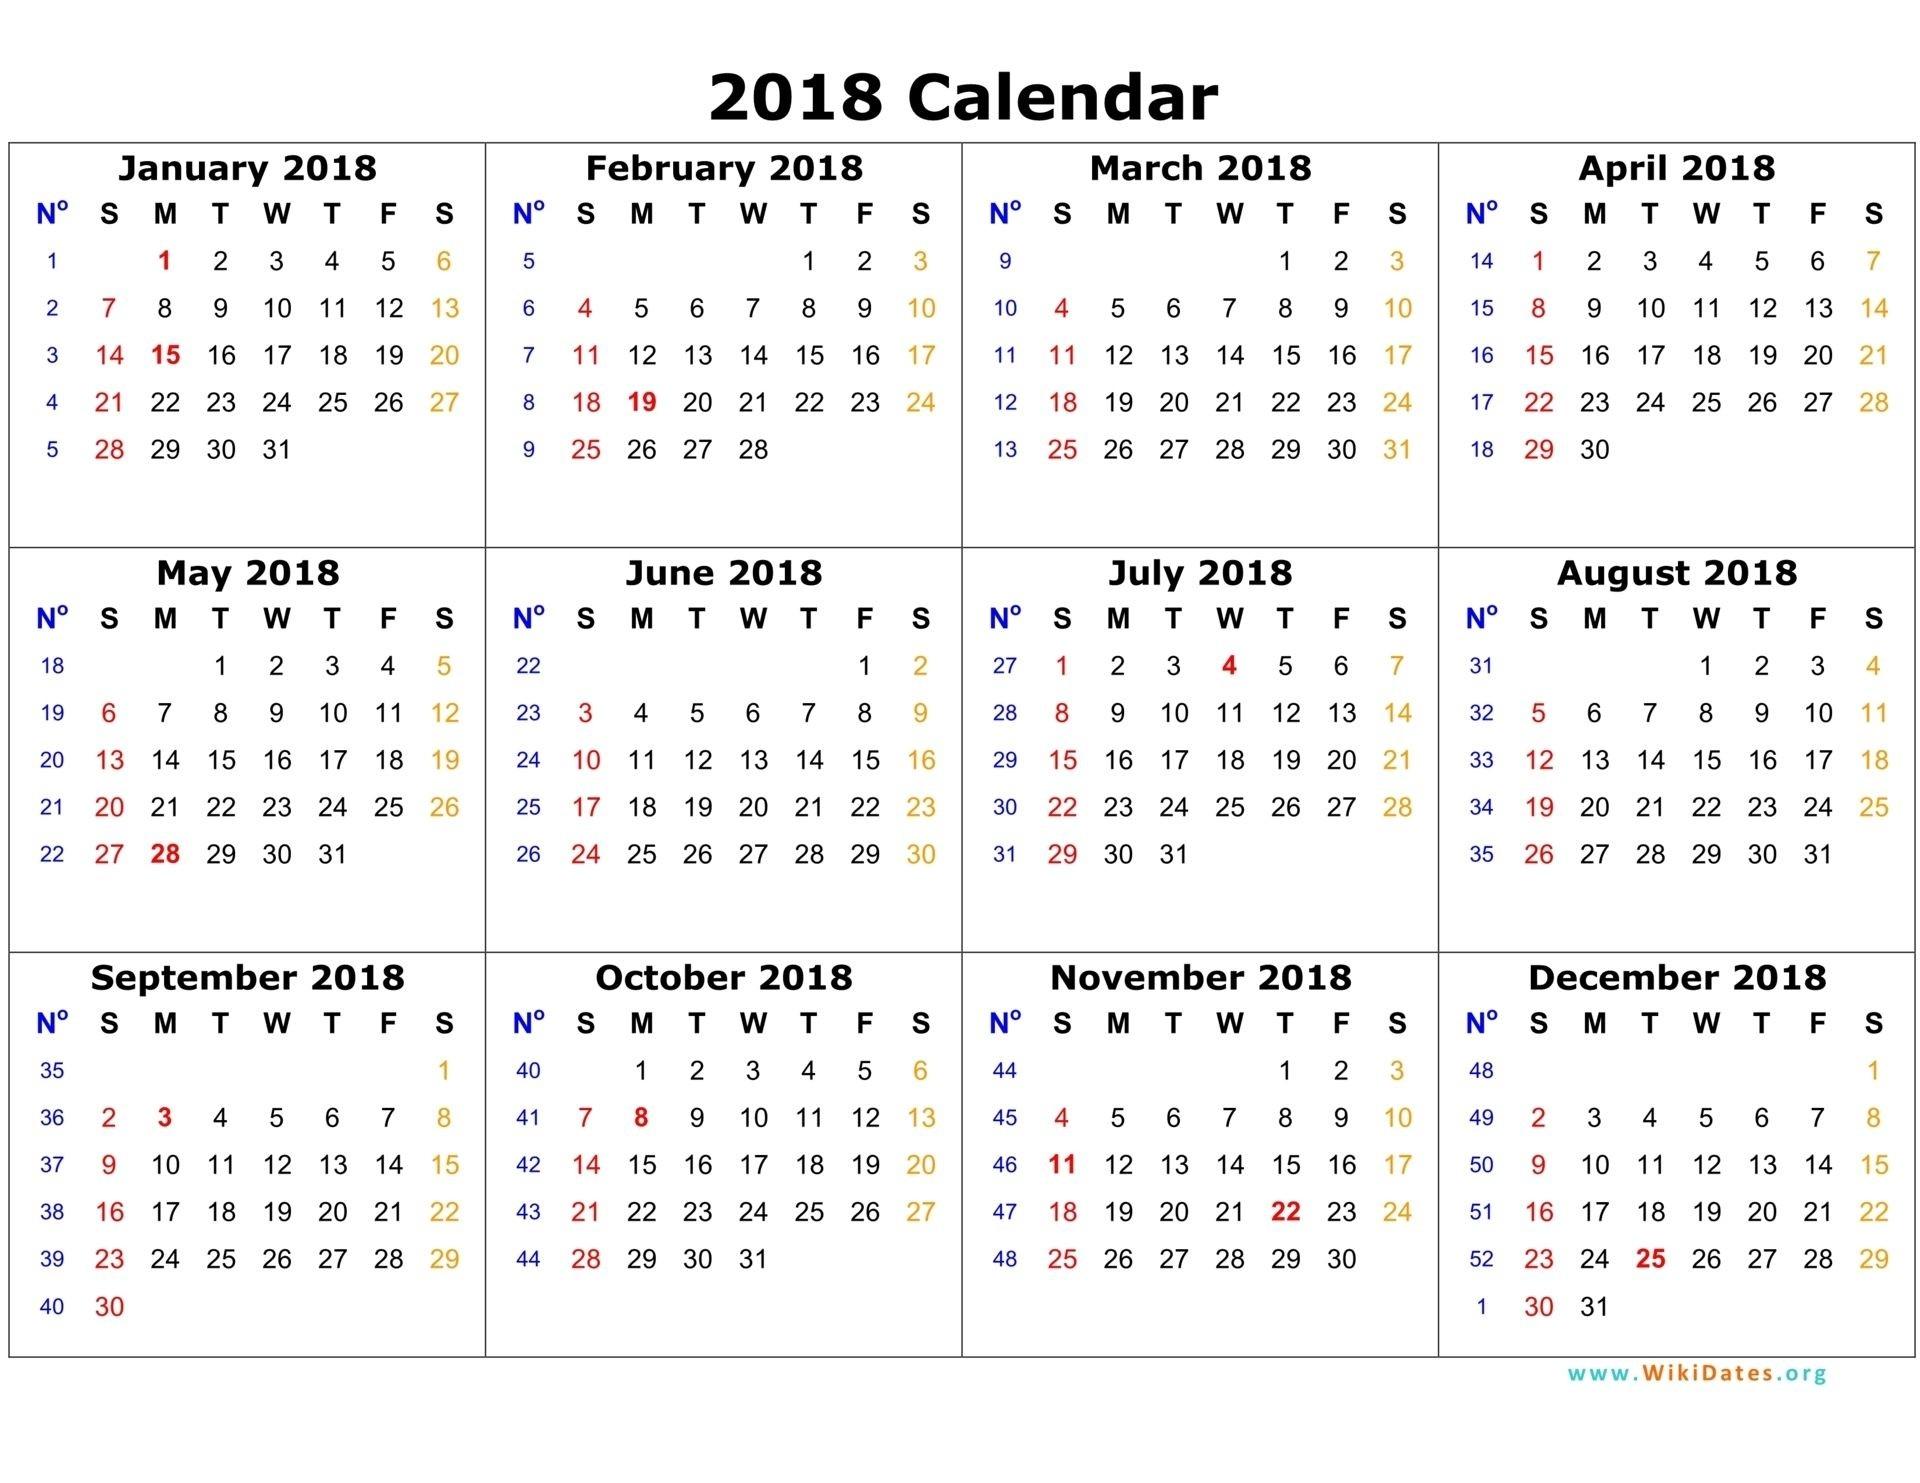 free printable 2018 12 month calendar calendario pis Free Printable 12 Month Calendar 2018 erdferdf